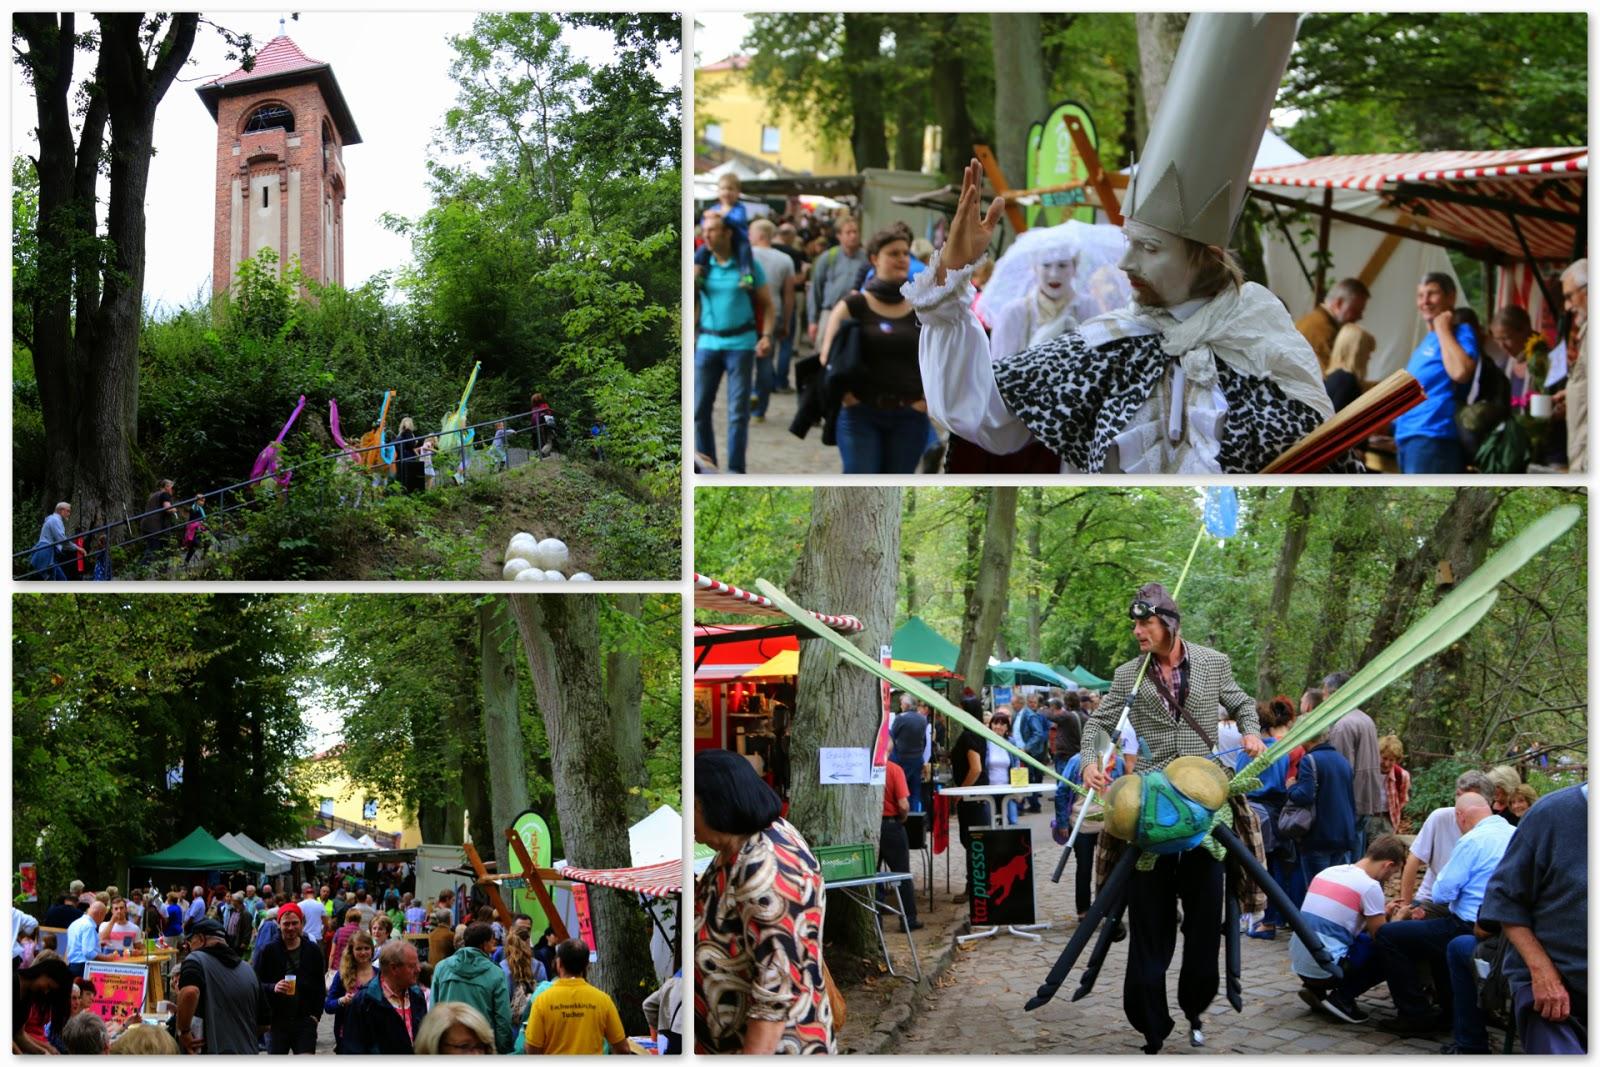 naturparkfest%2B2